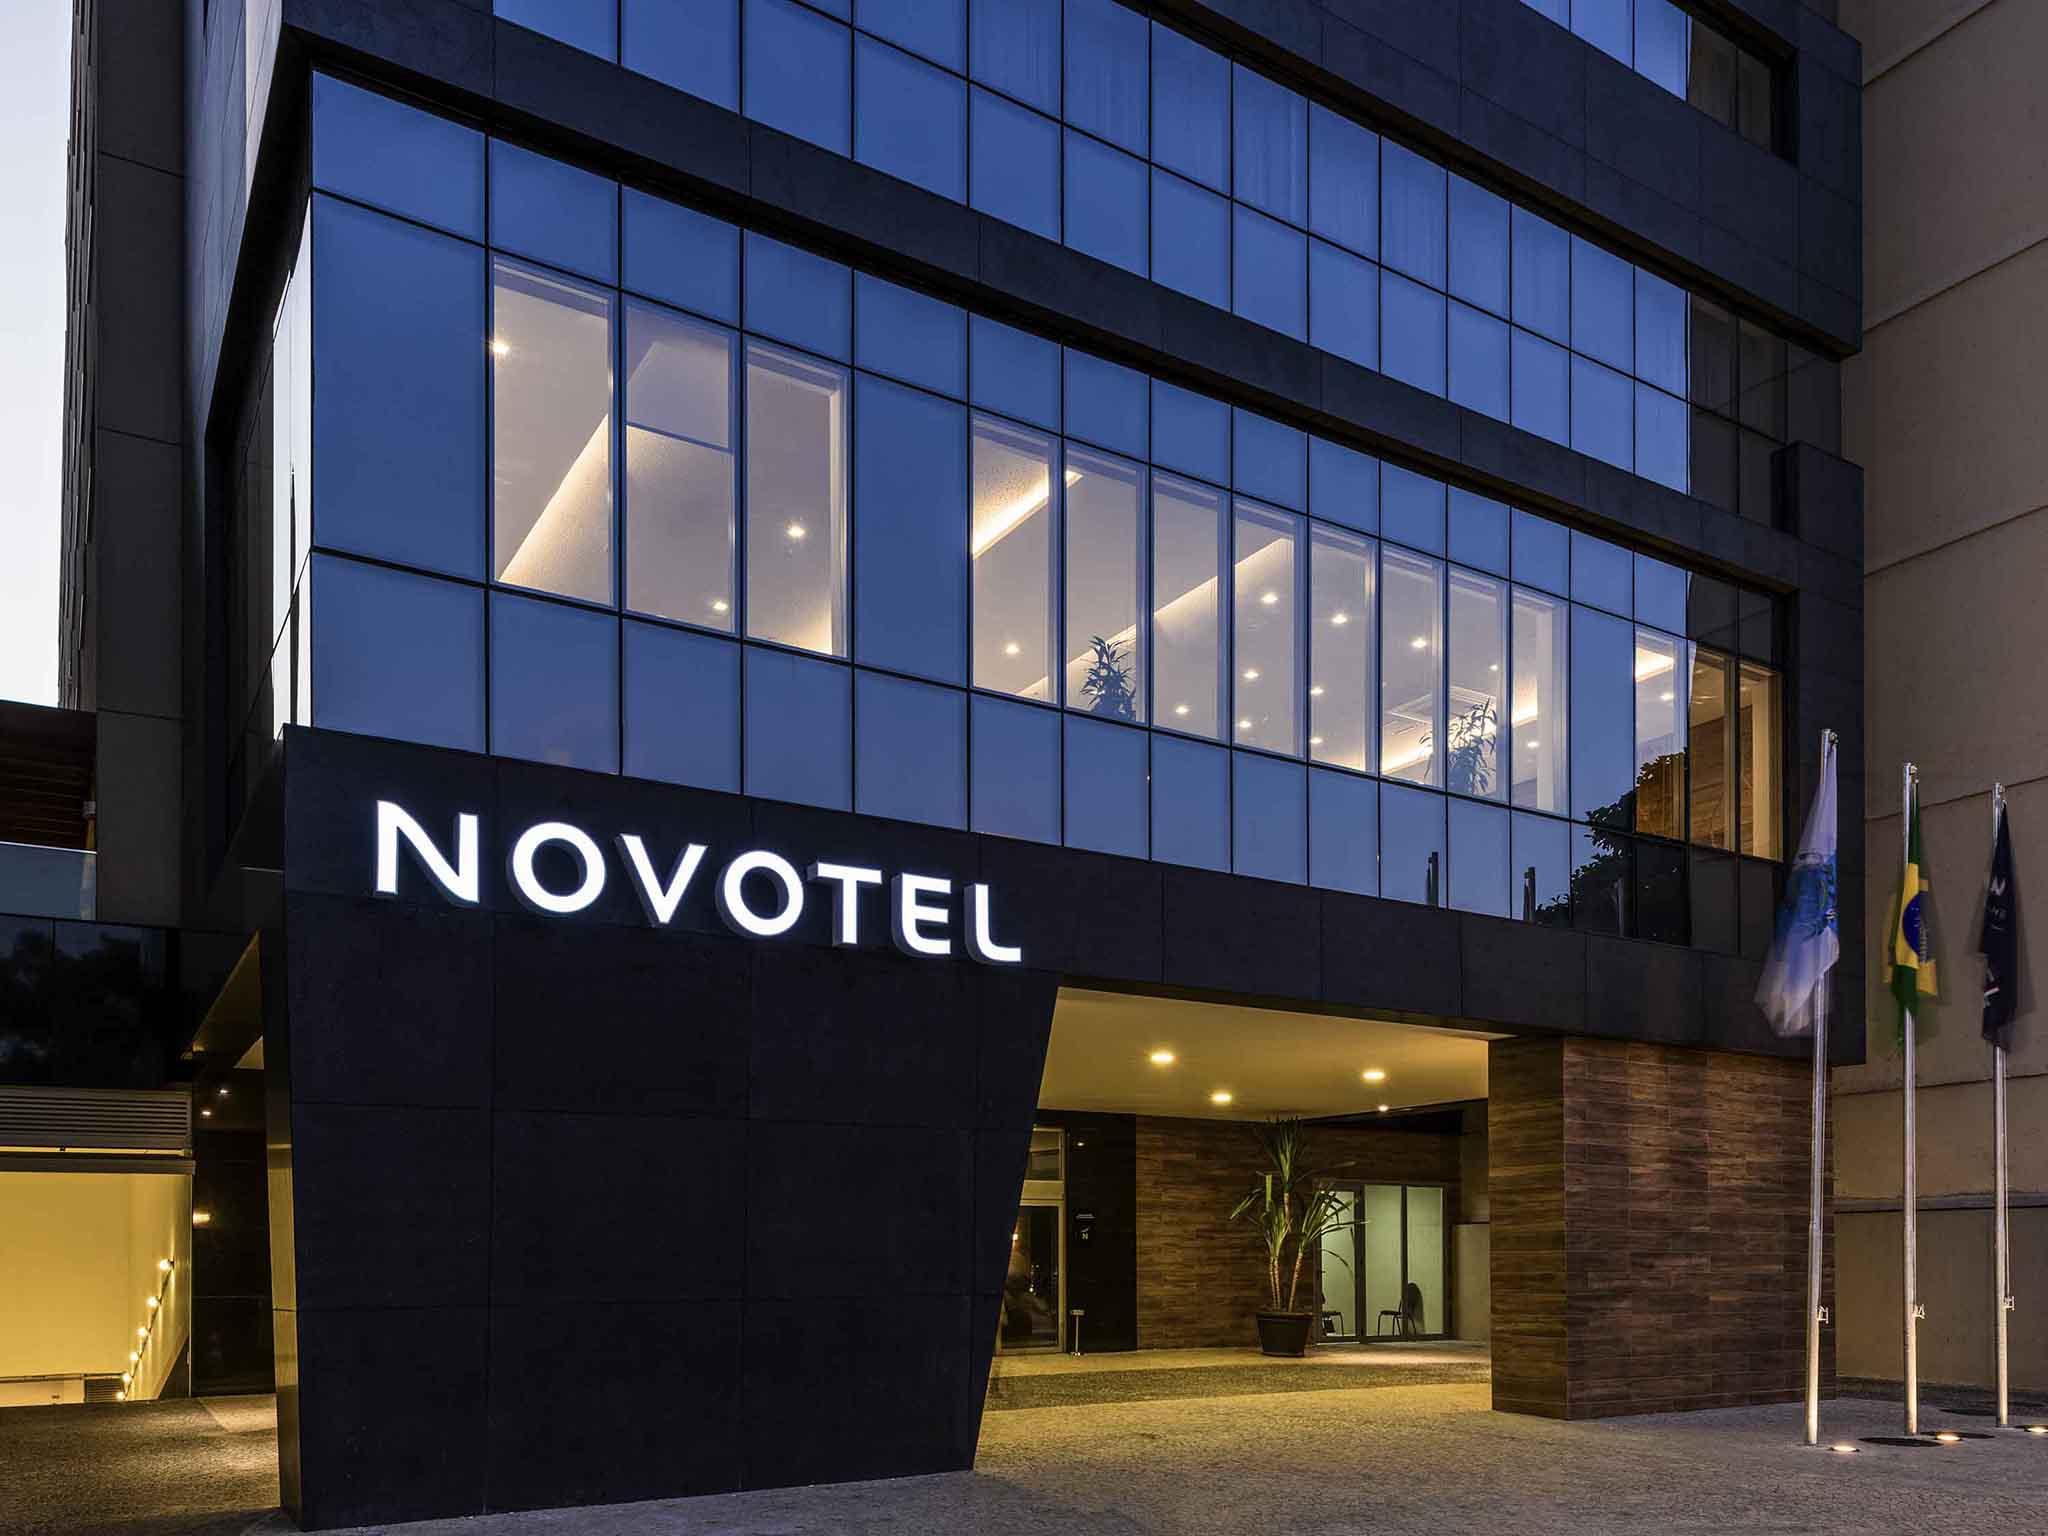 Hôtel - Novotel RJ Botafogo